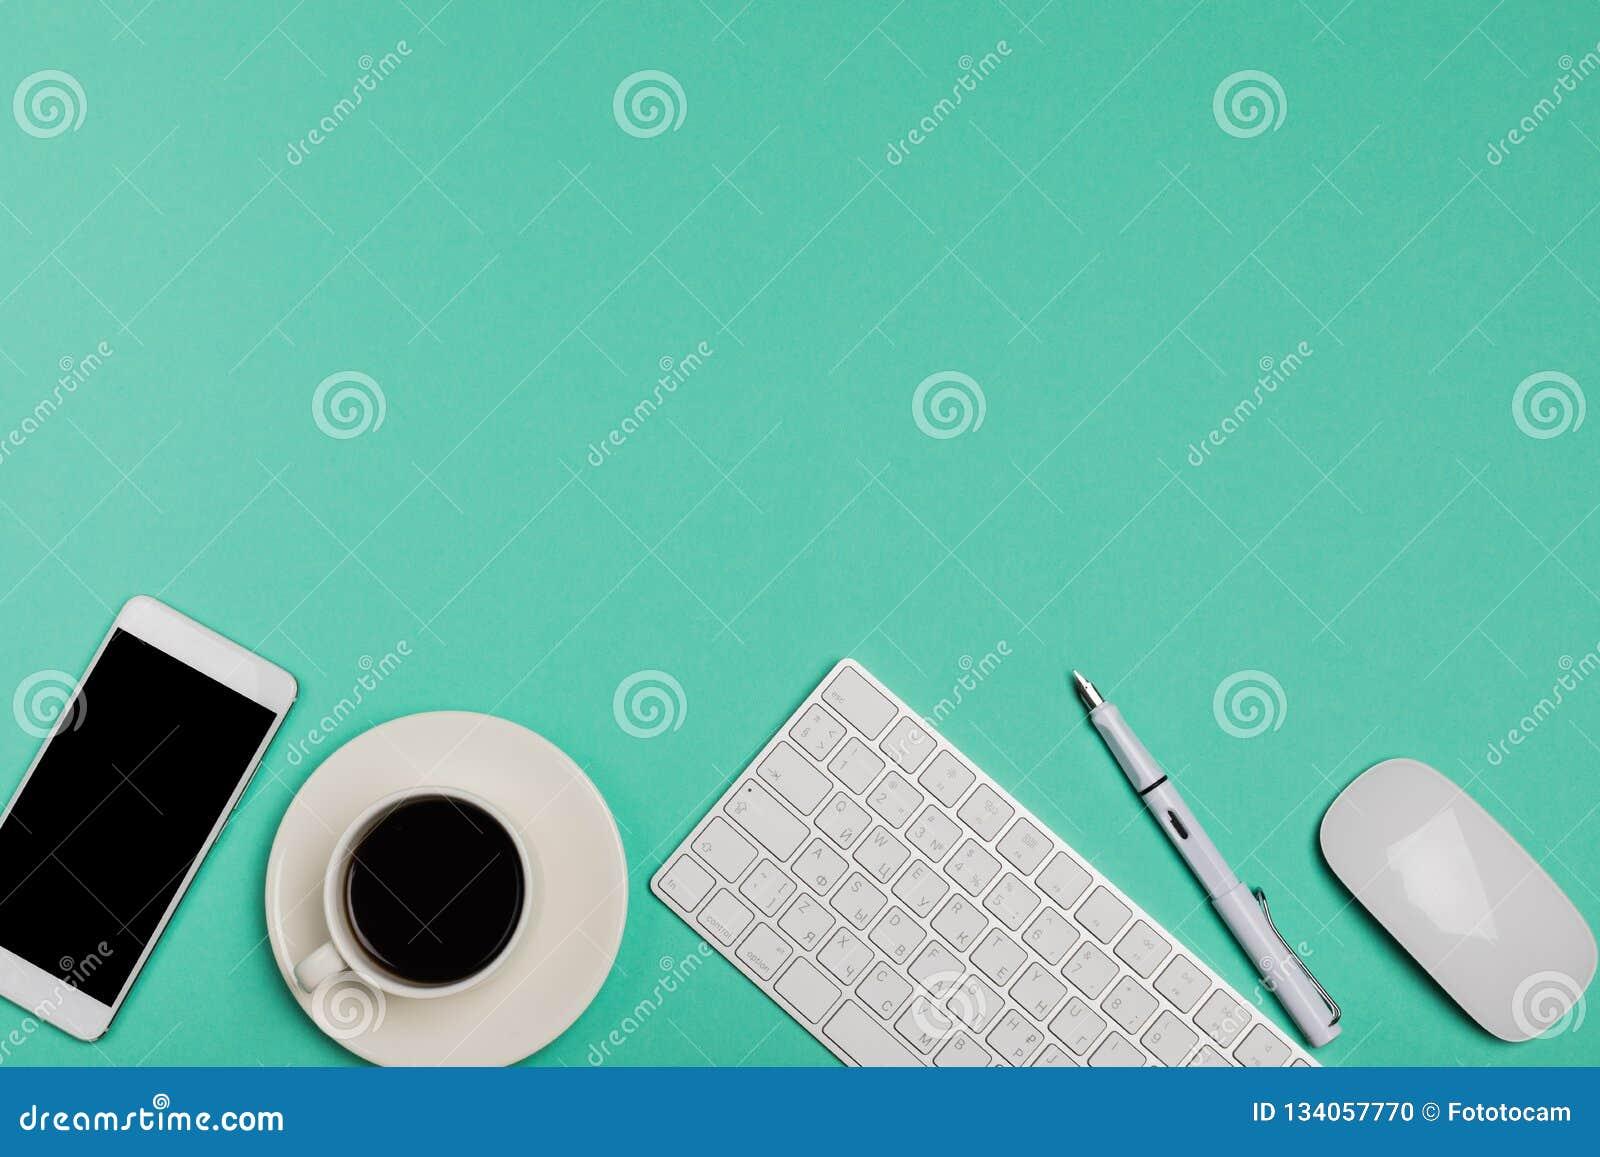 Vista superior del espacio de trabajo del escritorio de oficina con smartphone, el teclado, el café y el ratón en fondo azul con